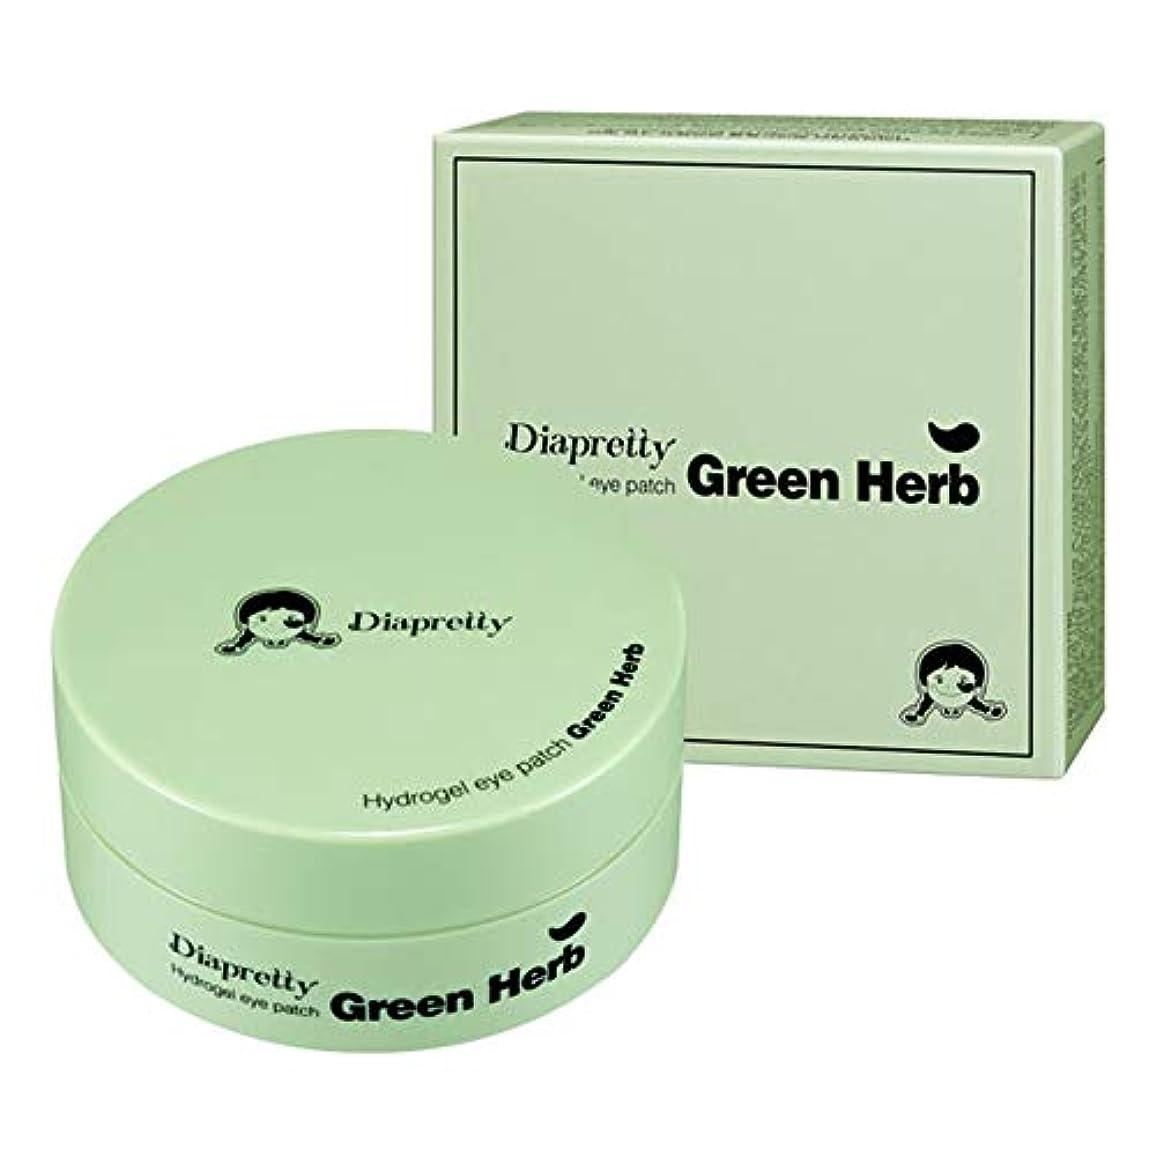 塗抹九時四十五分協力する[ダイアプリティ] ハイドロゲルア イパッチ (Greeen Herb) 60枚, [Diapretty] Hydrogel Eyepatch(Green Herb) 60pieces